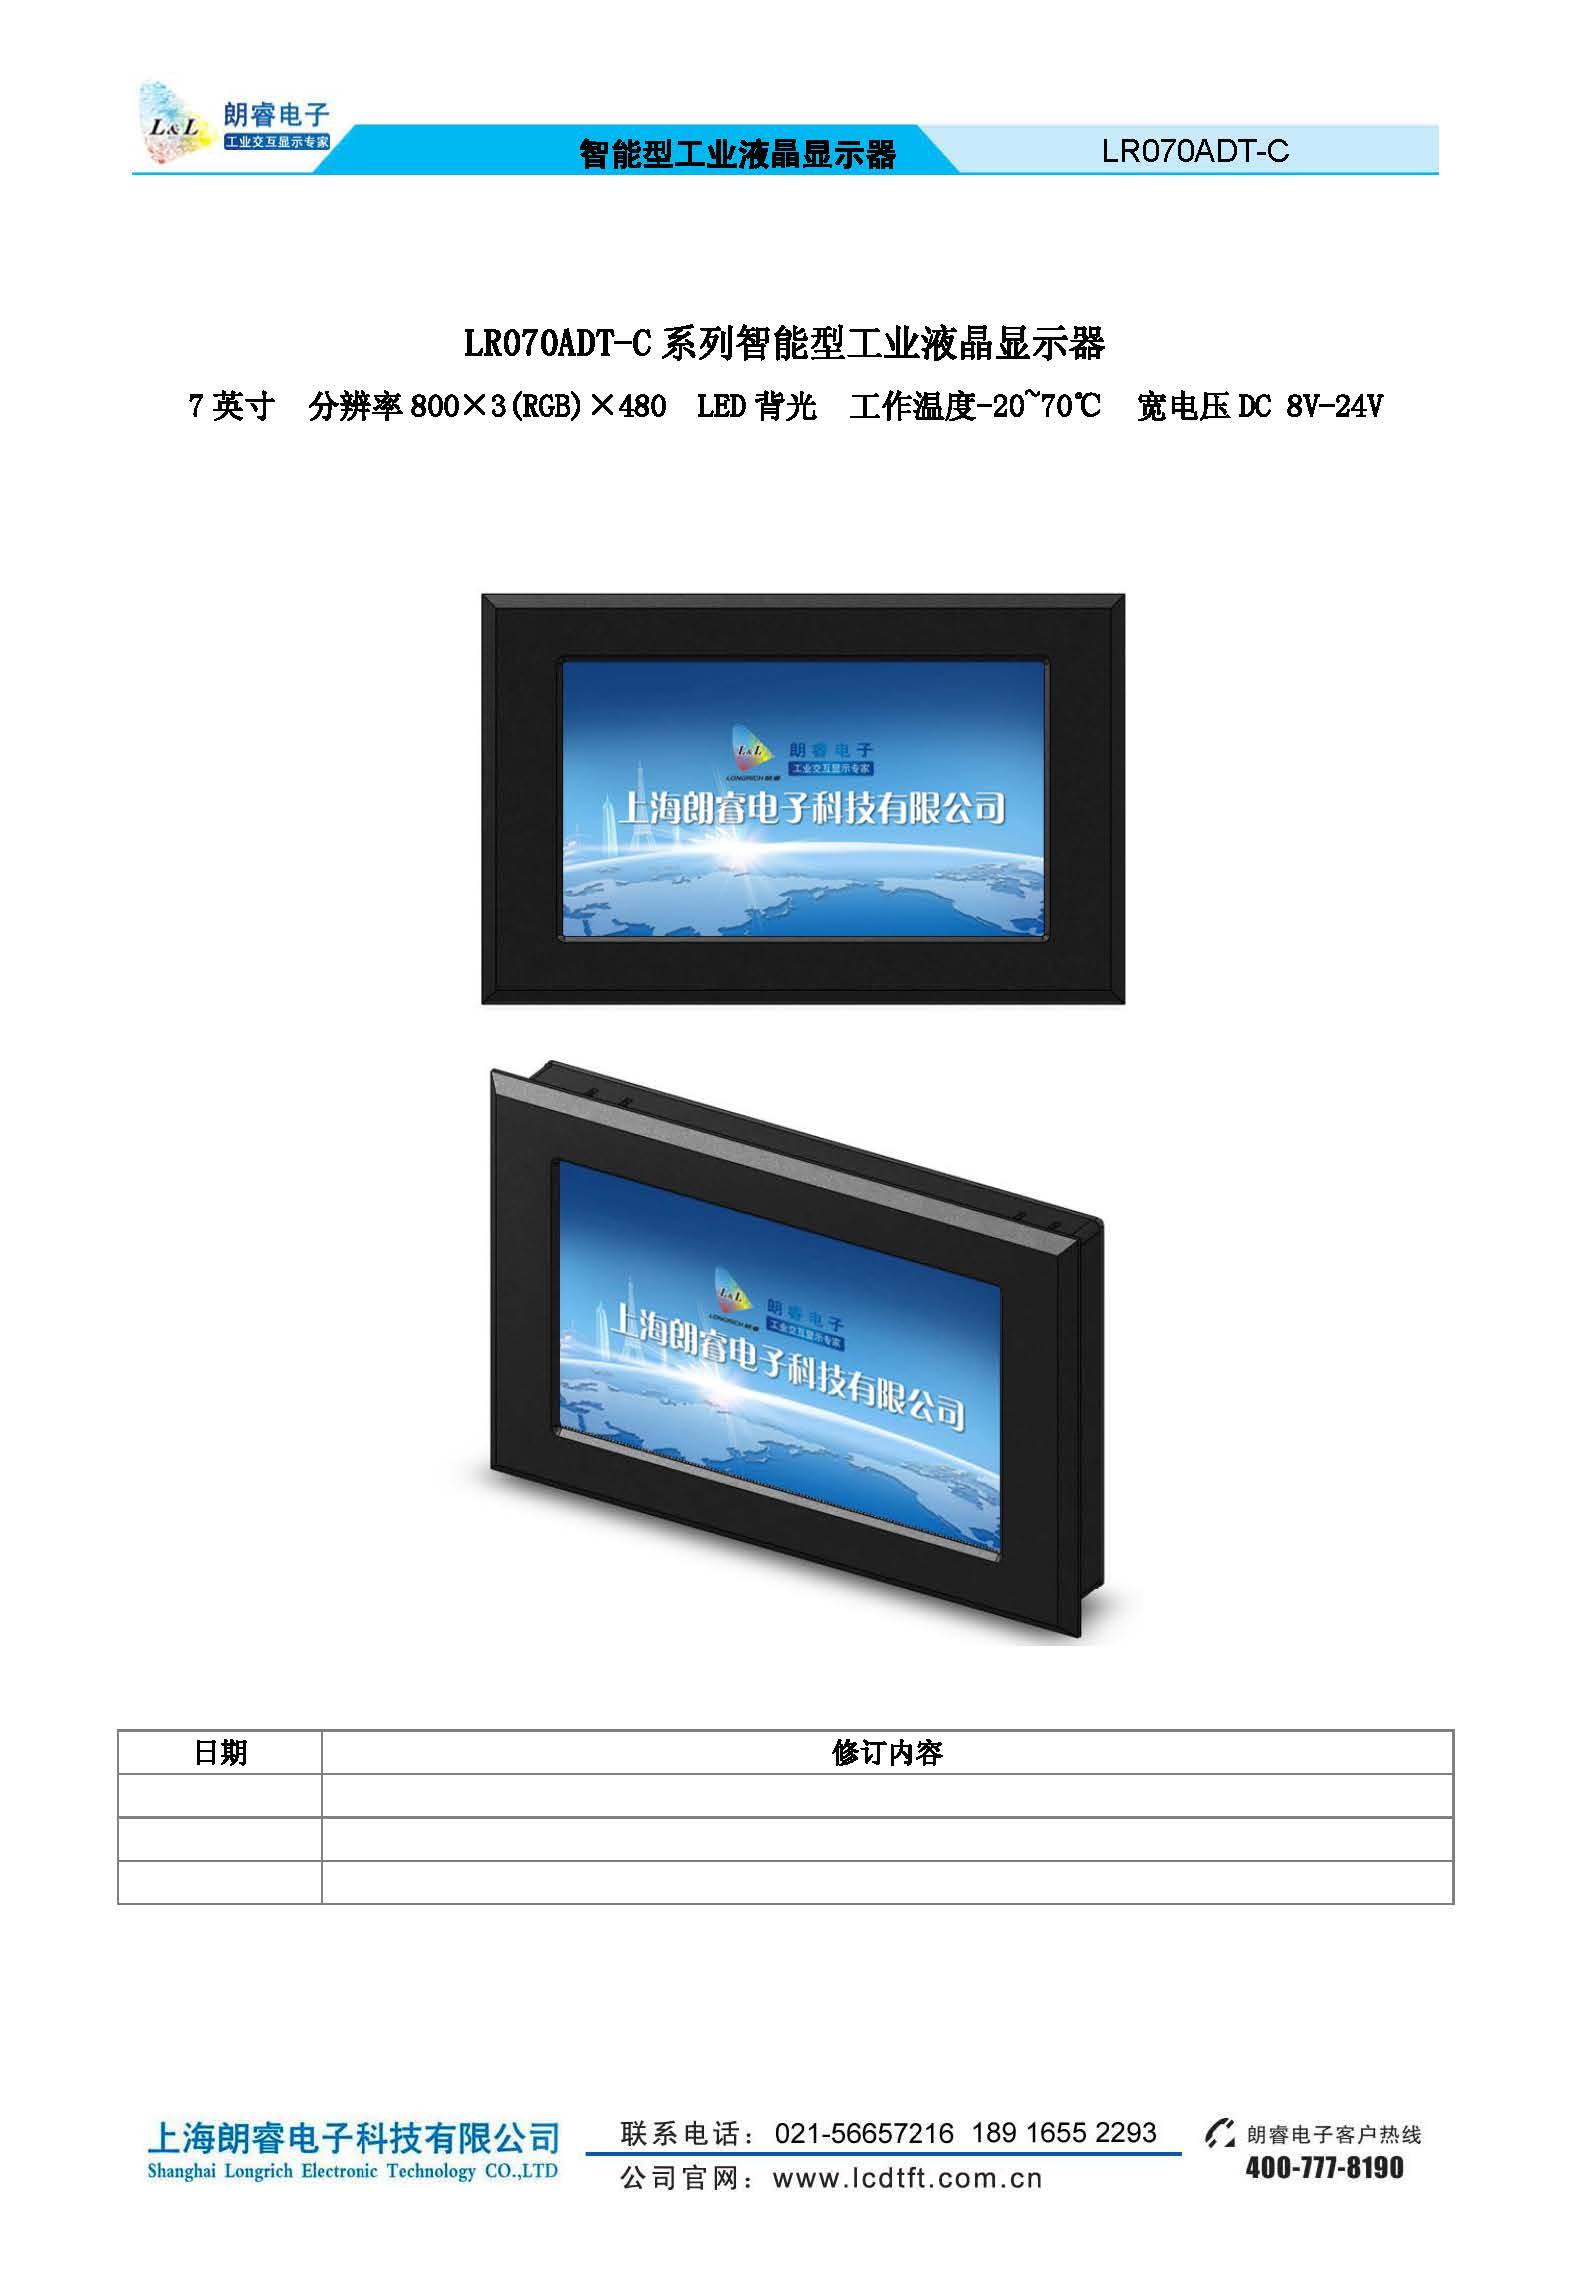 7寸AD(消费型)串口液晶显示器